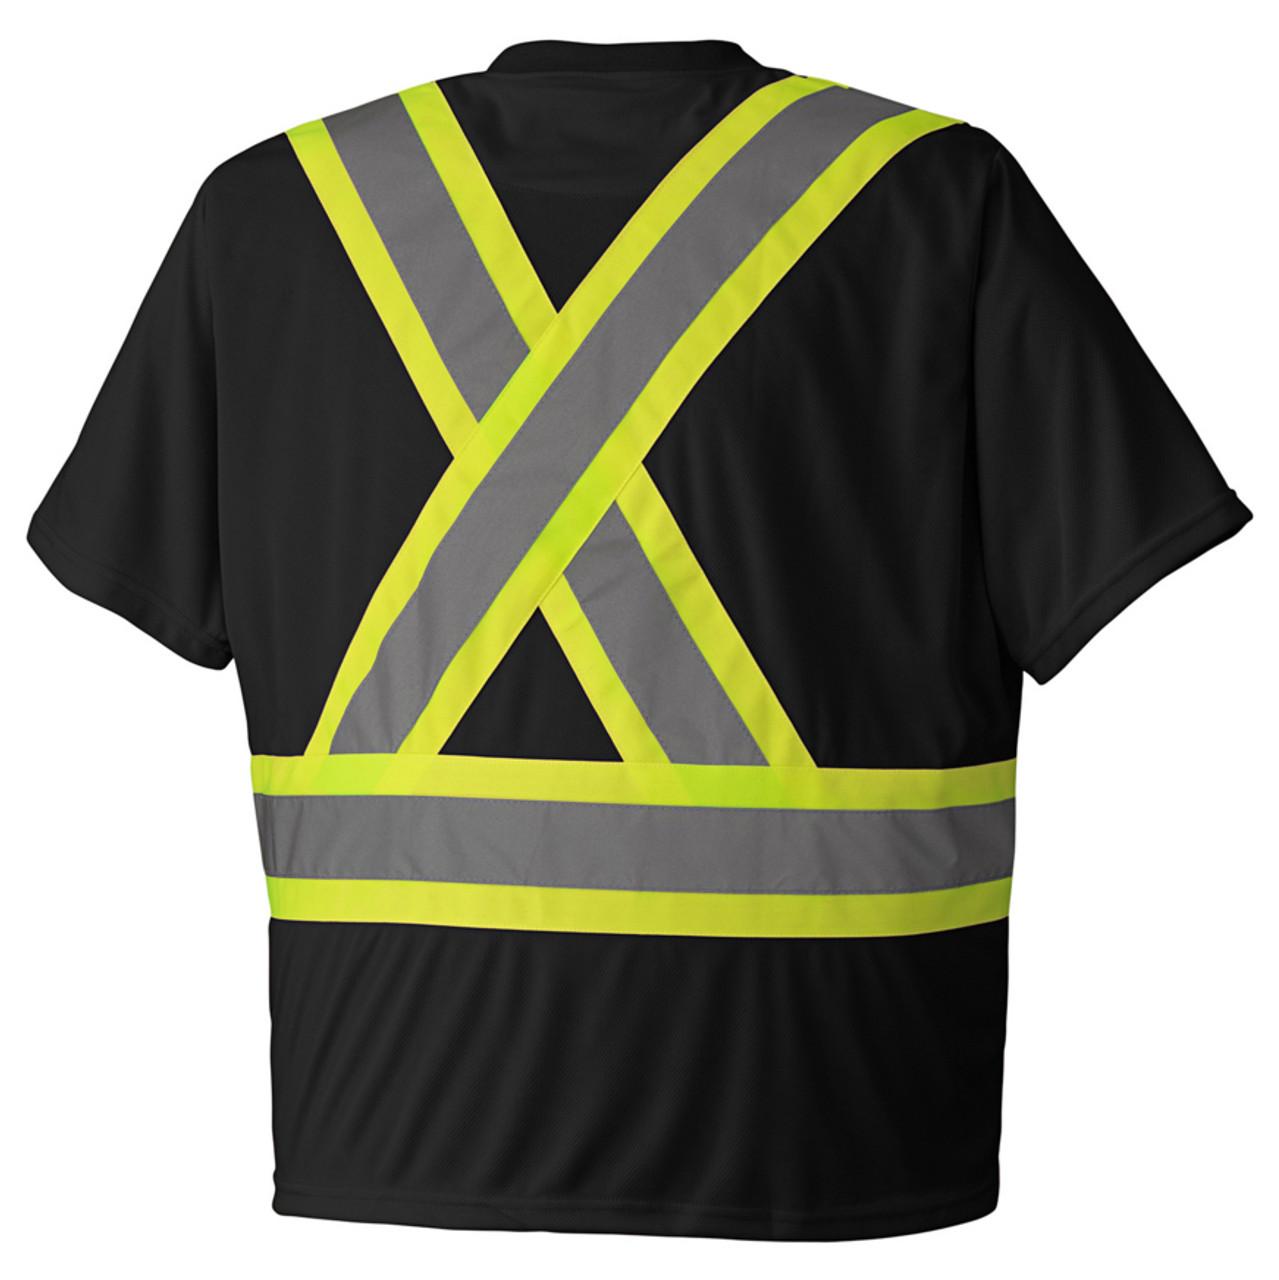 6992 Birdseye Safety T Shirt